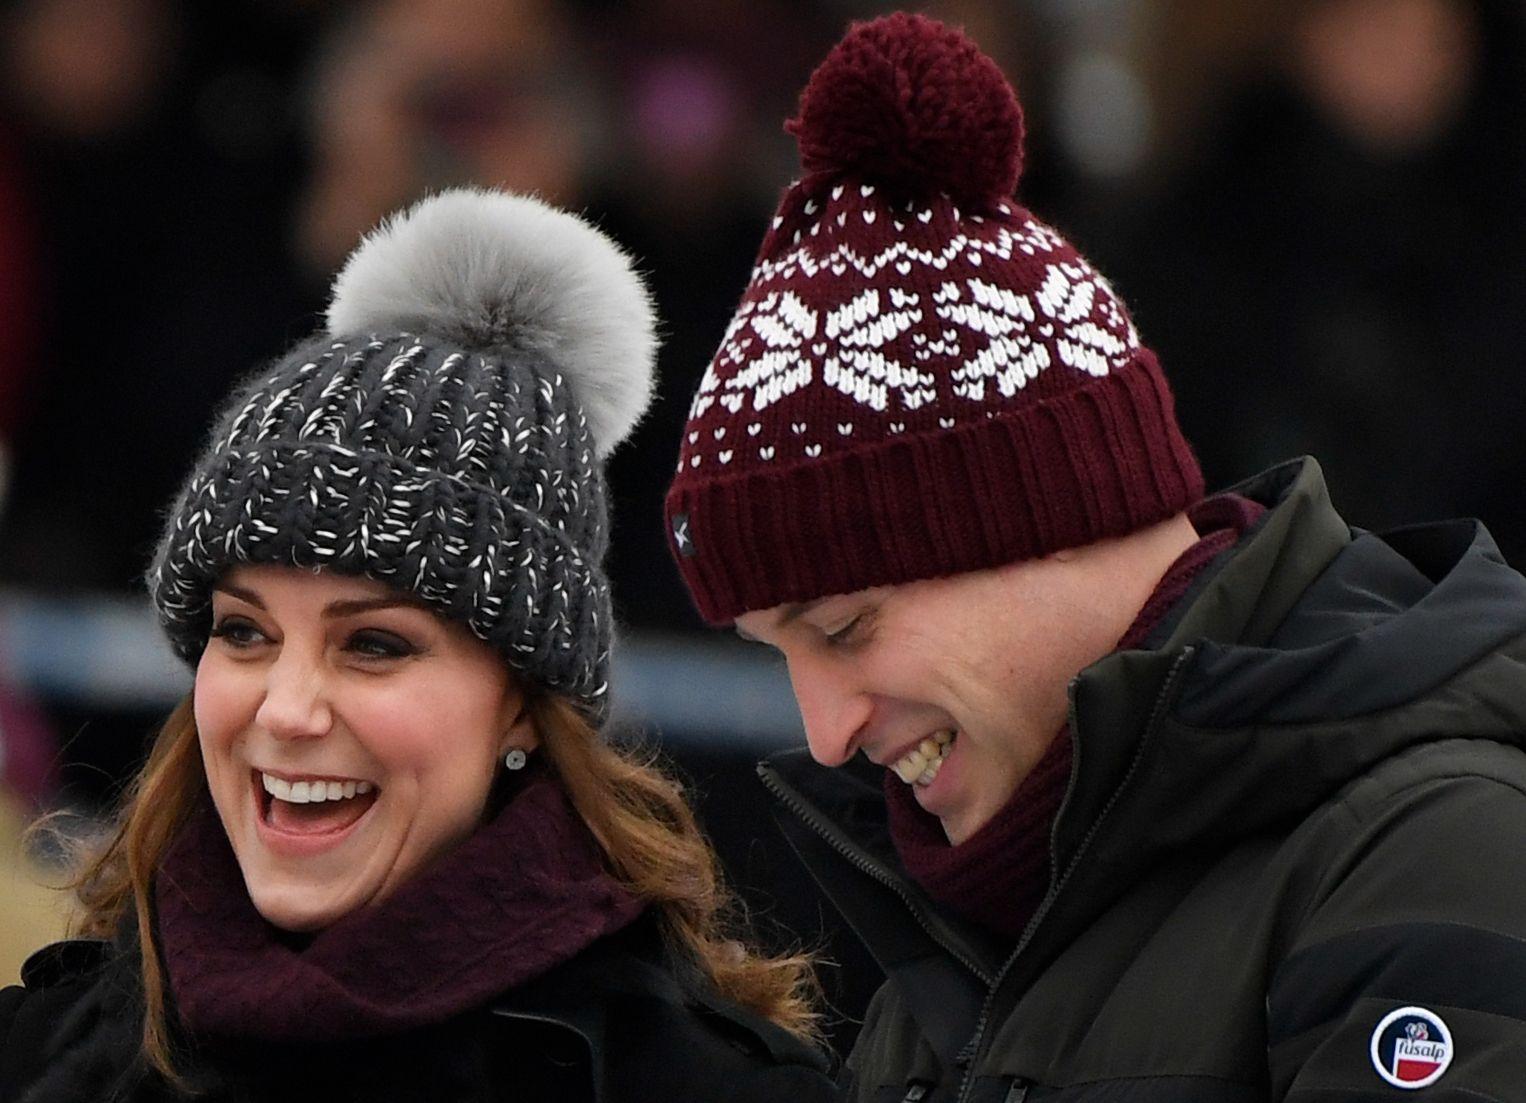 KATE MED LUA: Det britiske hertugparet William og Kate har sjarmert svenskene med ujålete toppluer og Fjällräven-antrekk.